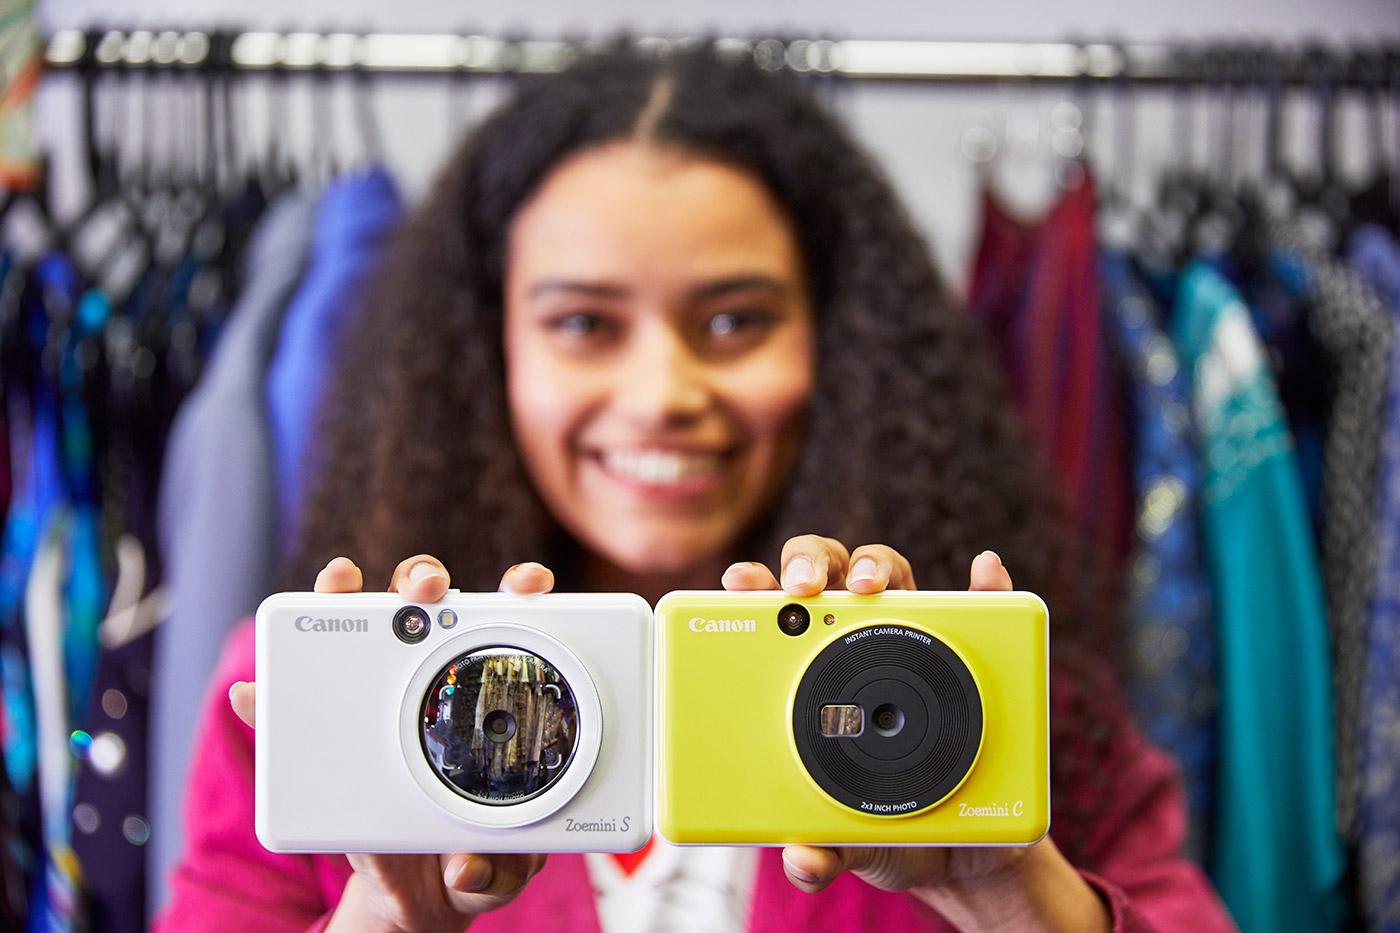 Zoemini S et C : Canon se met à la photographie instantanée !